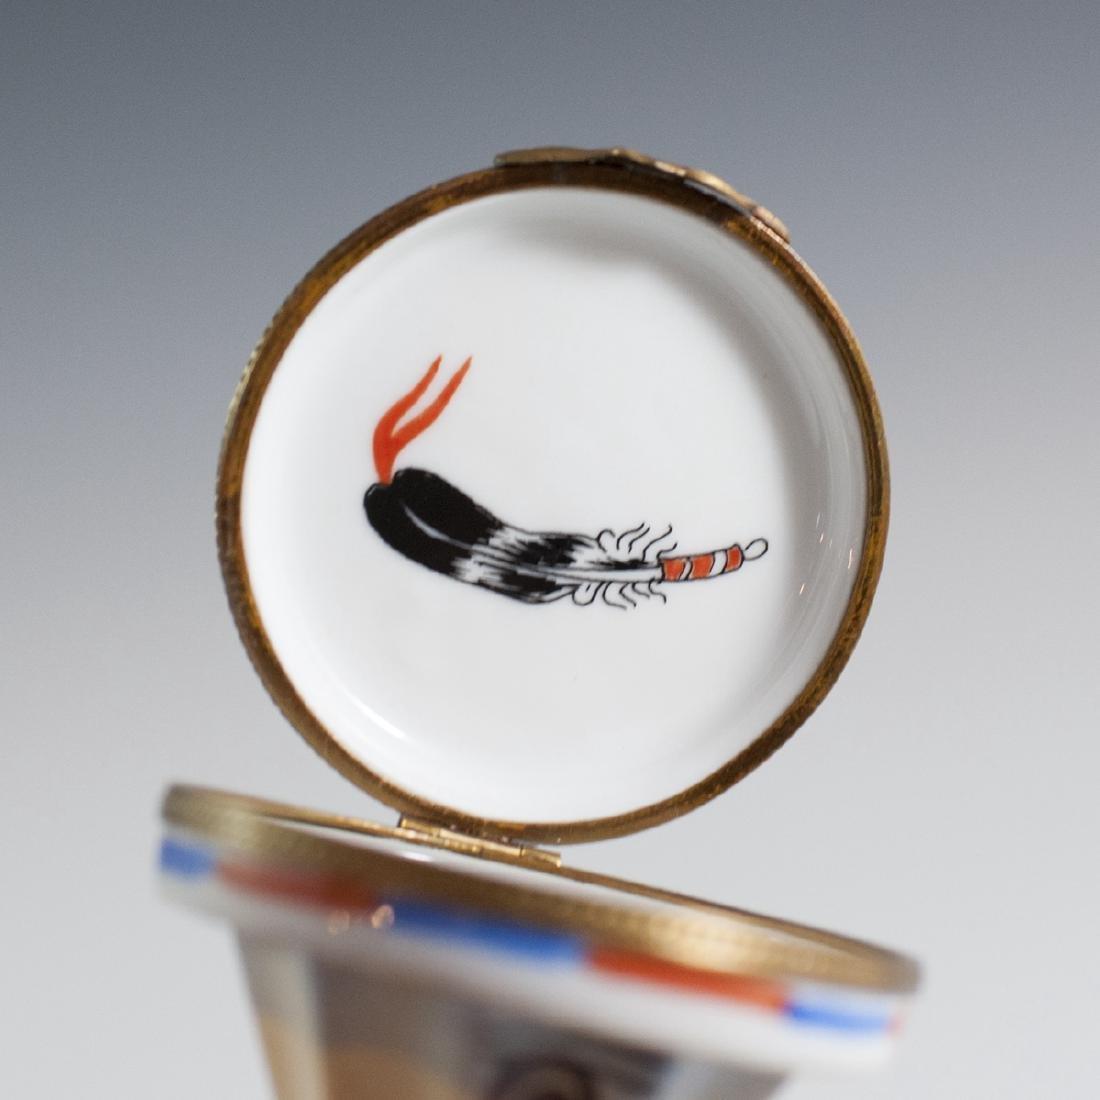 La Gloriette Limoges Porcelain Trinket Box - 4